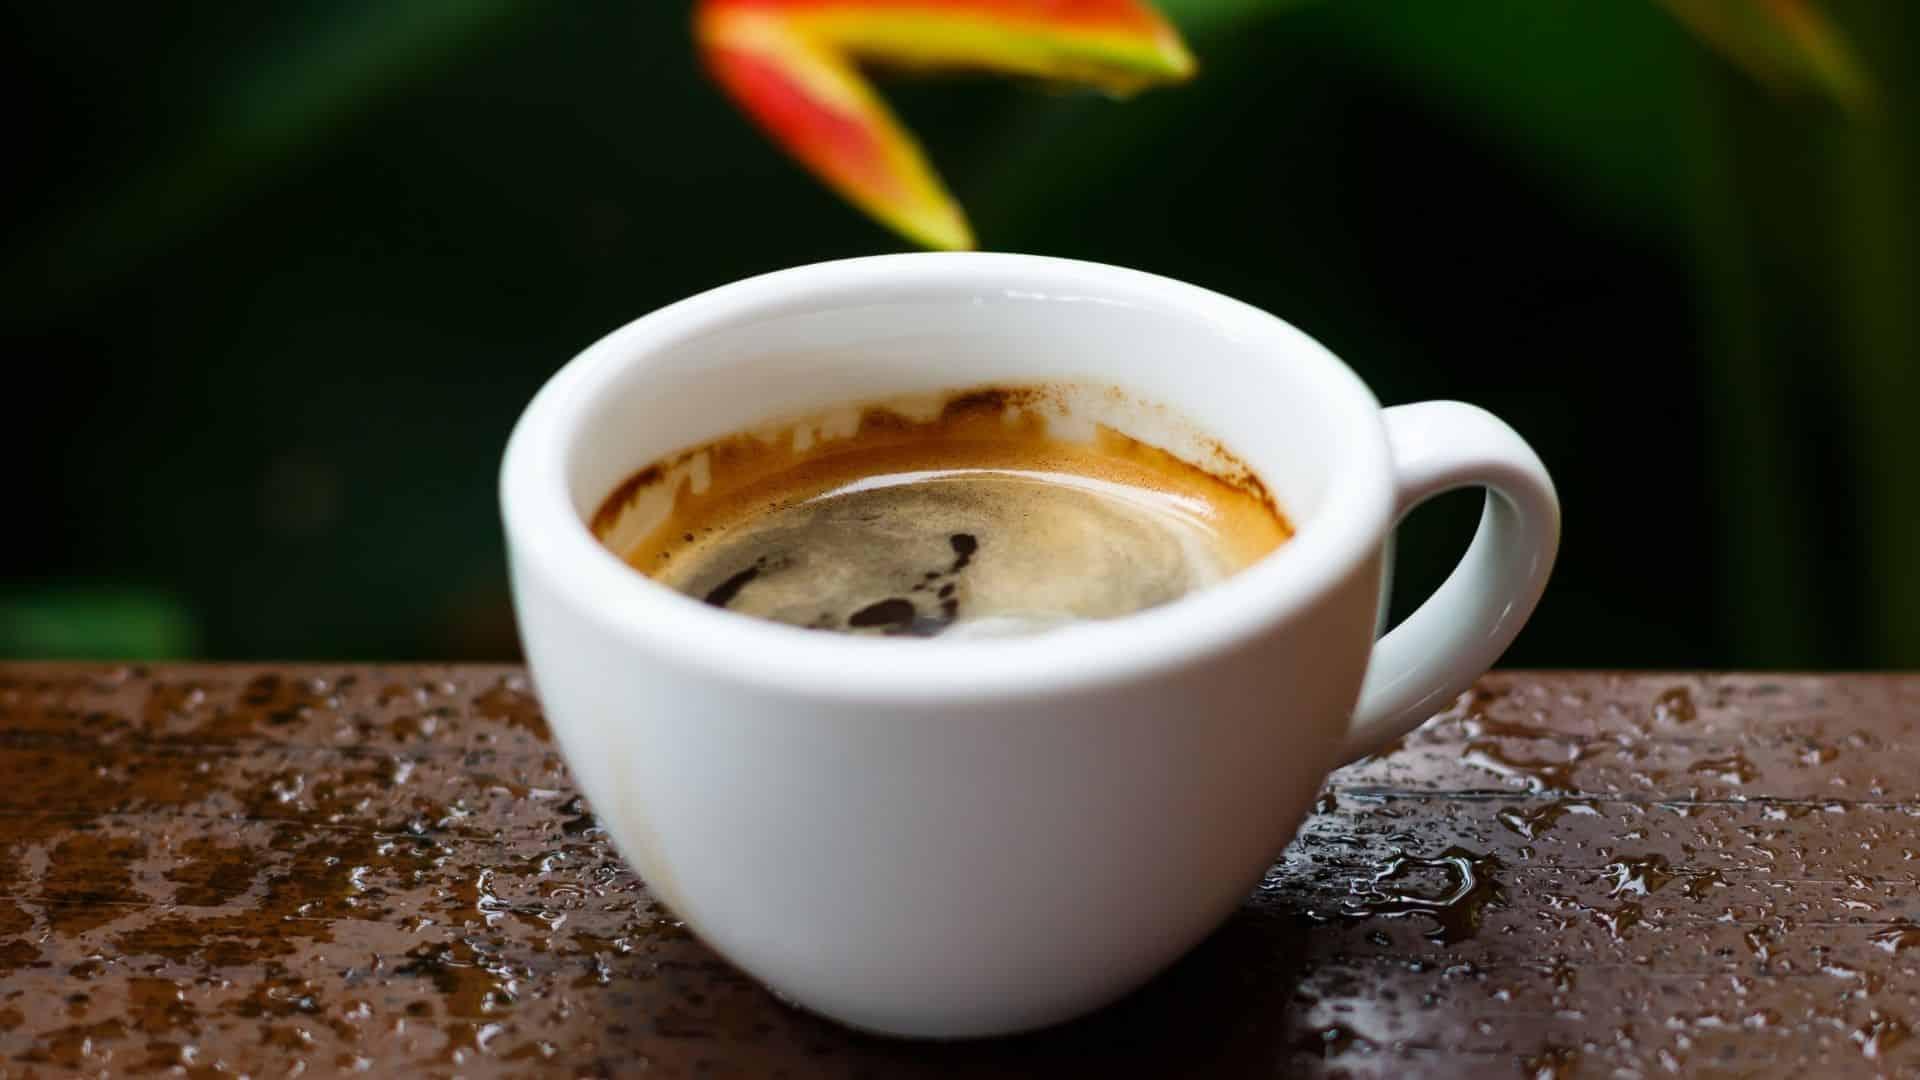 Mellékhatások - Ha szájon: kávé hatása a szervezetre VALÓSZÍNŰSÍTHETŐ SAFE legtöbb egészséges felnőttek fogyasztva mérsékelt mennyiségben (mintegy 4 csésze naponta). A koffeint tartalmazó kávé álmatlanságot, idegességet és nyugtalanságot, gyomorpanaszokat, hányingert és hányást, fokozott szív- és légzési ritmust, valamint egyéb mellékhatásokat okozhat.